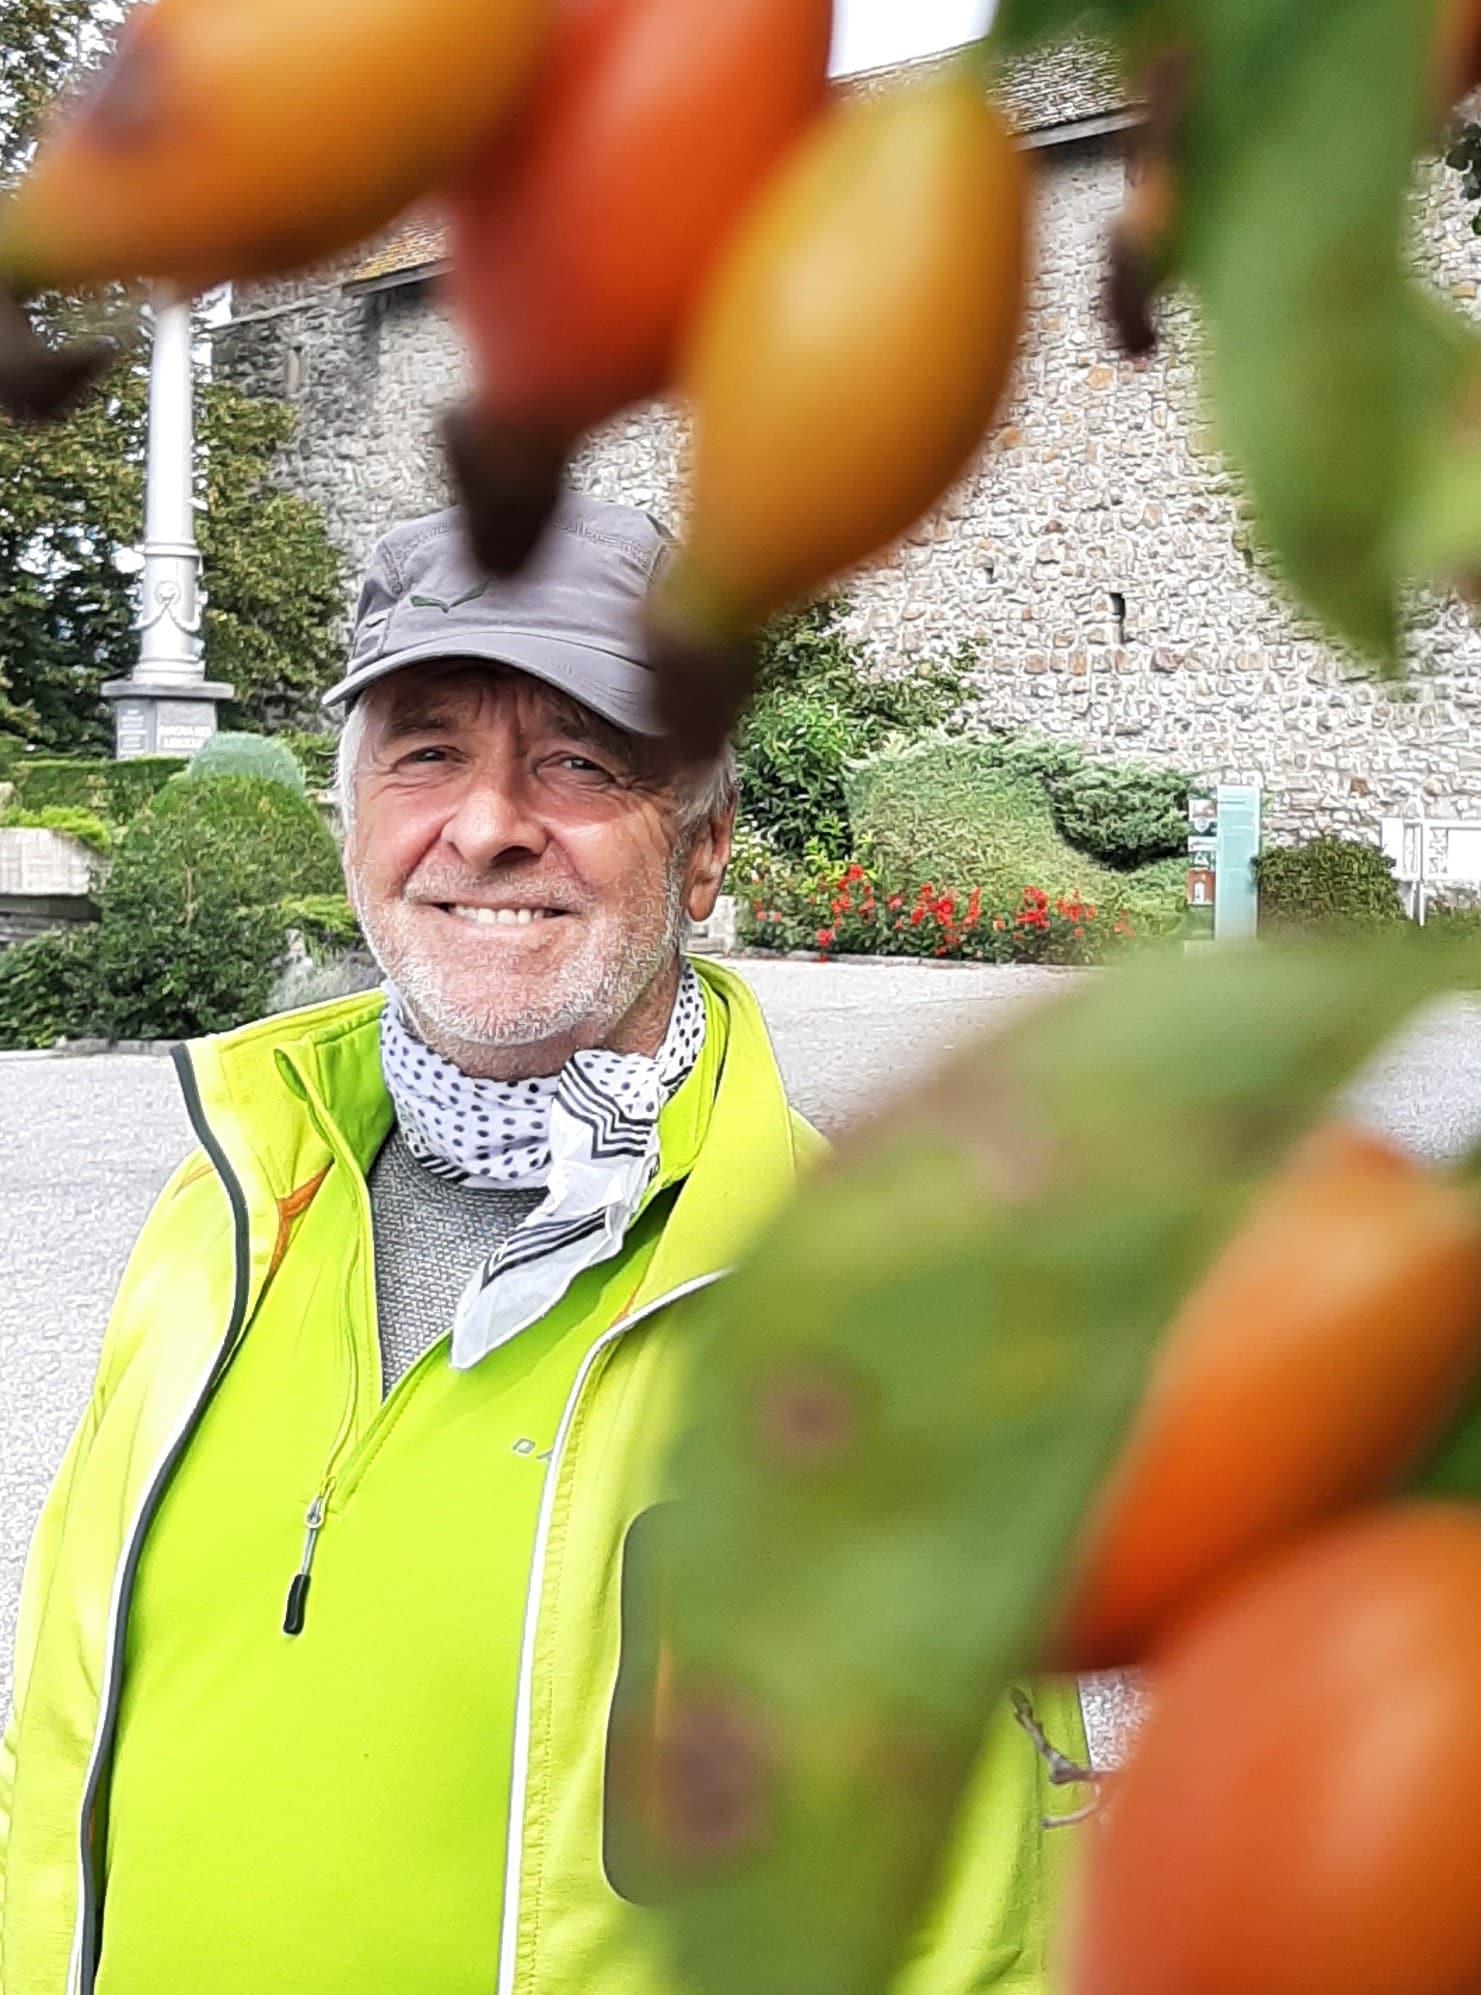 Gartenakademie: Referent Herbert Brandecker